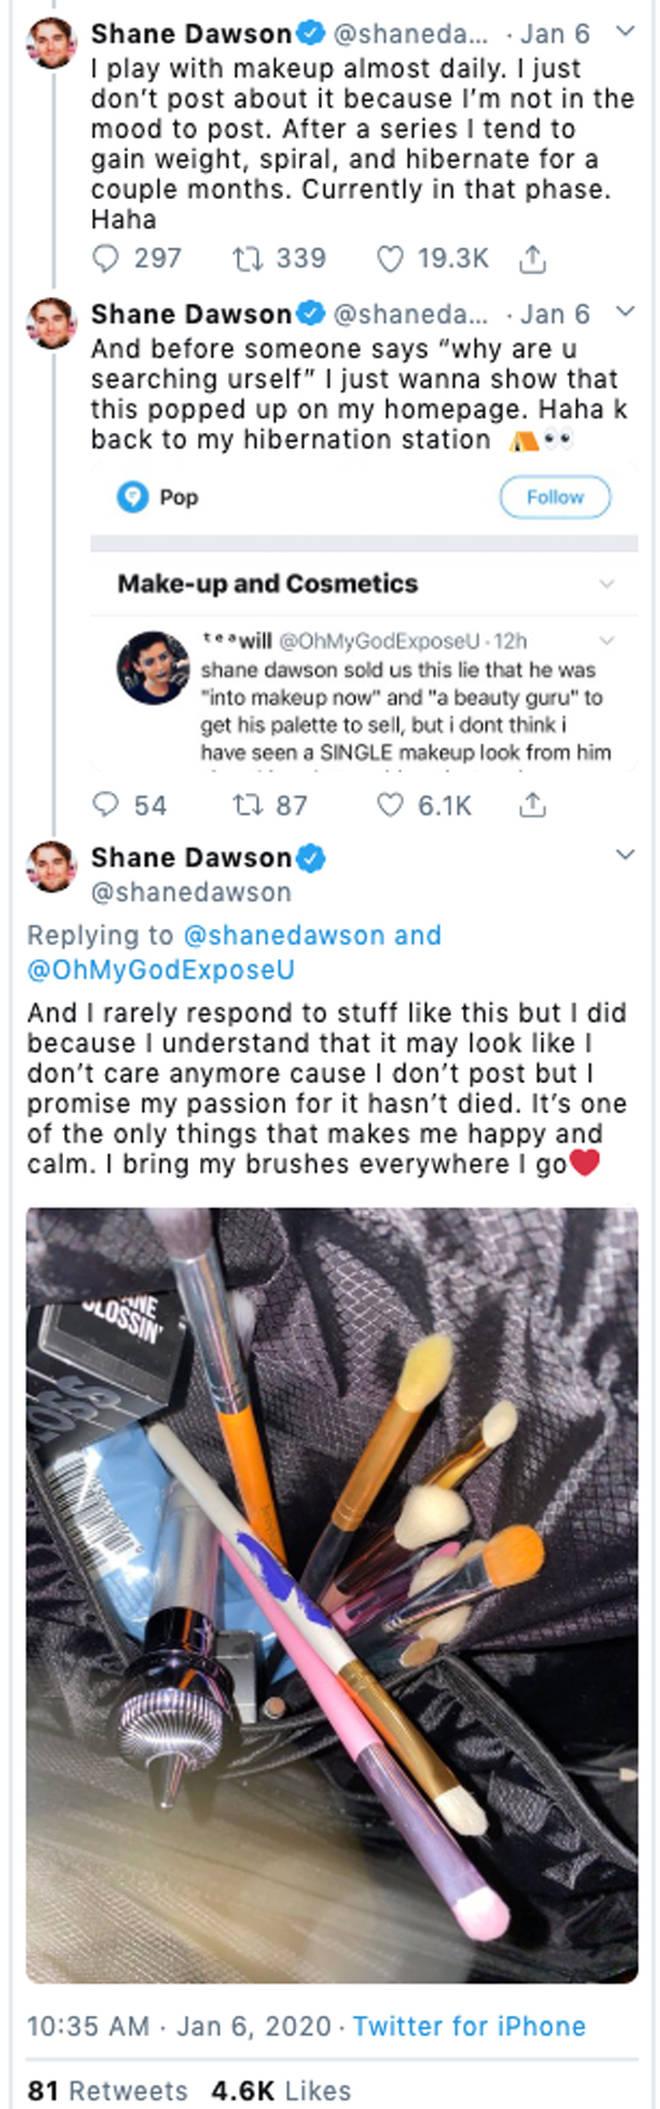 Shane Dawson Tweets